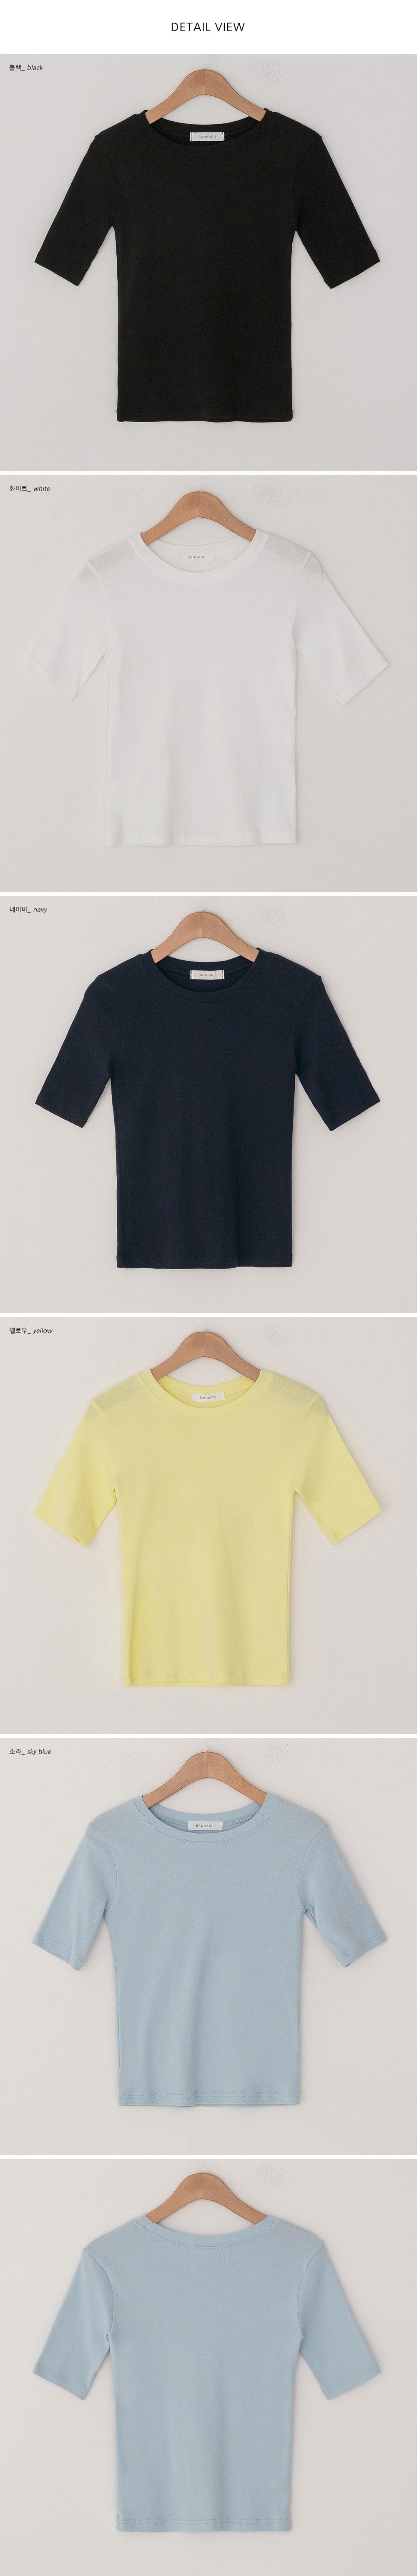 付属品 チャコール 商品カラー画像-S1L4